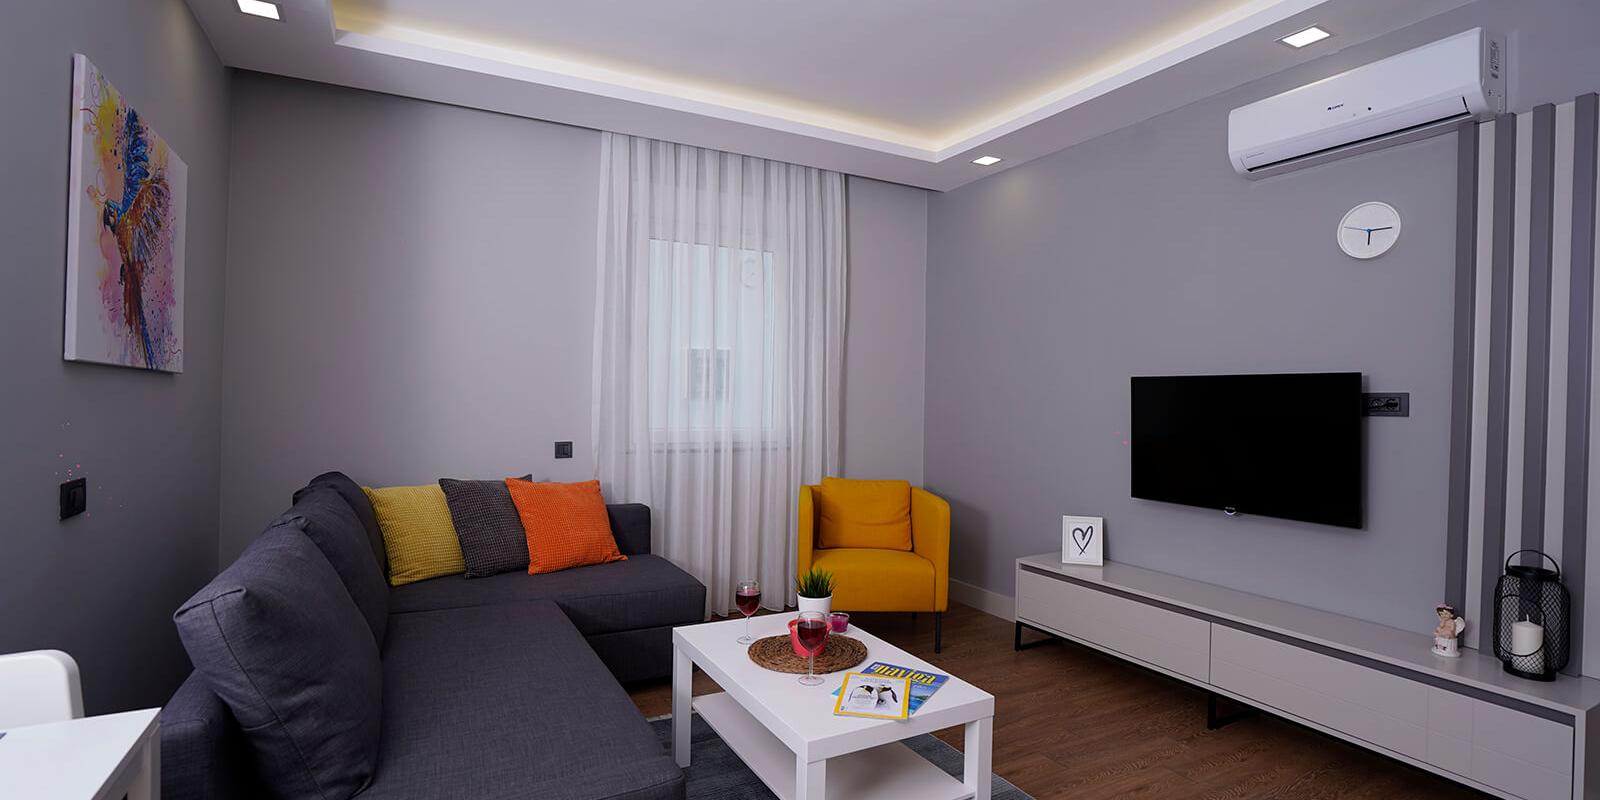 Stile Suite Hotel